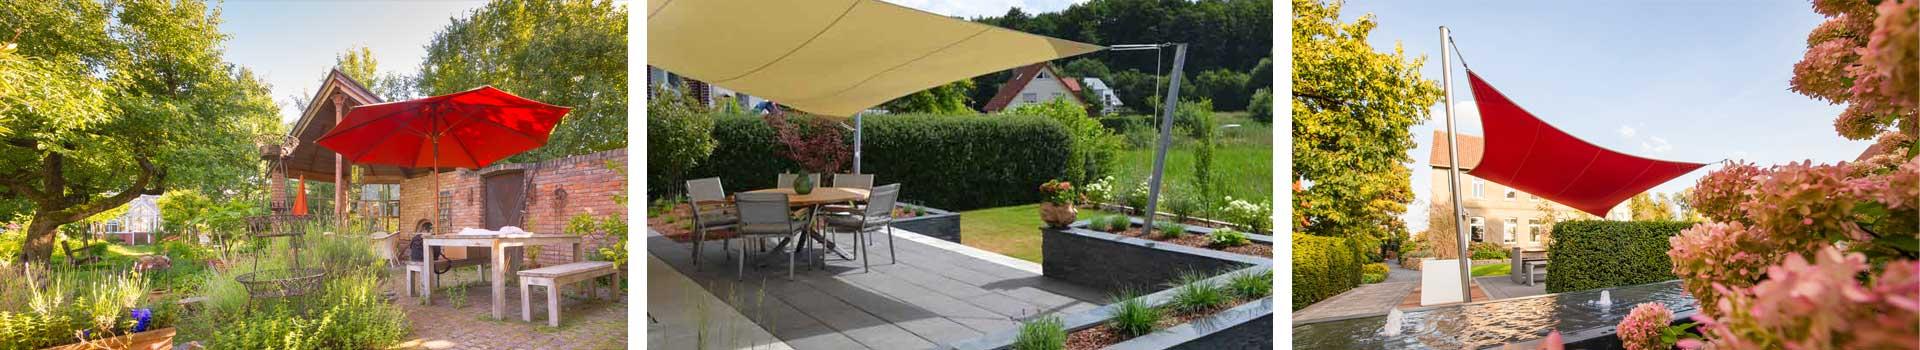 Sonnenschutz abgestimmt auf jeden Garten